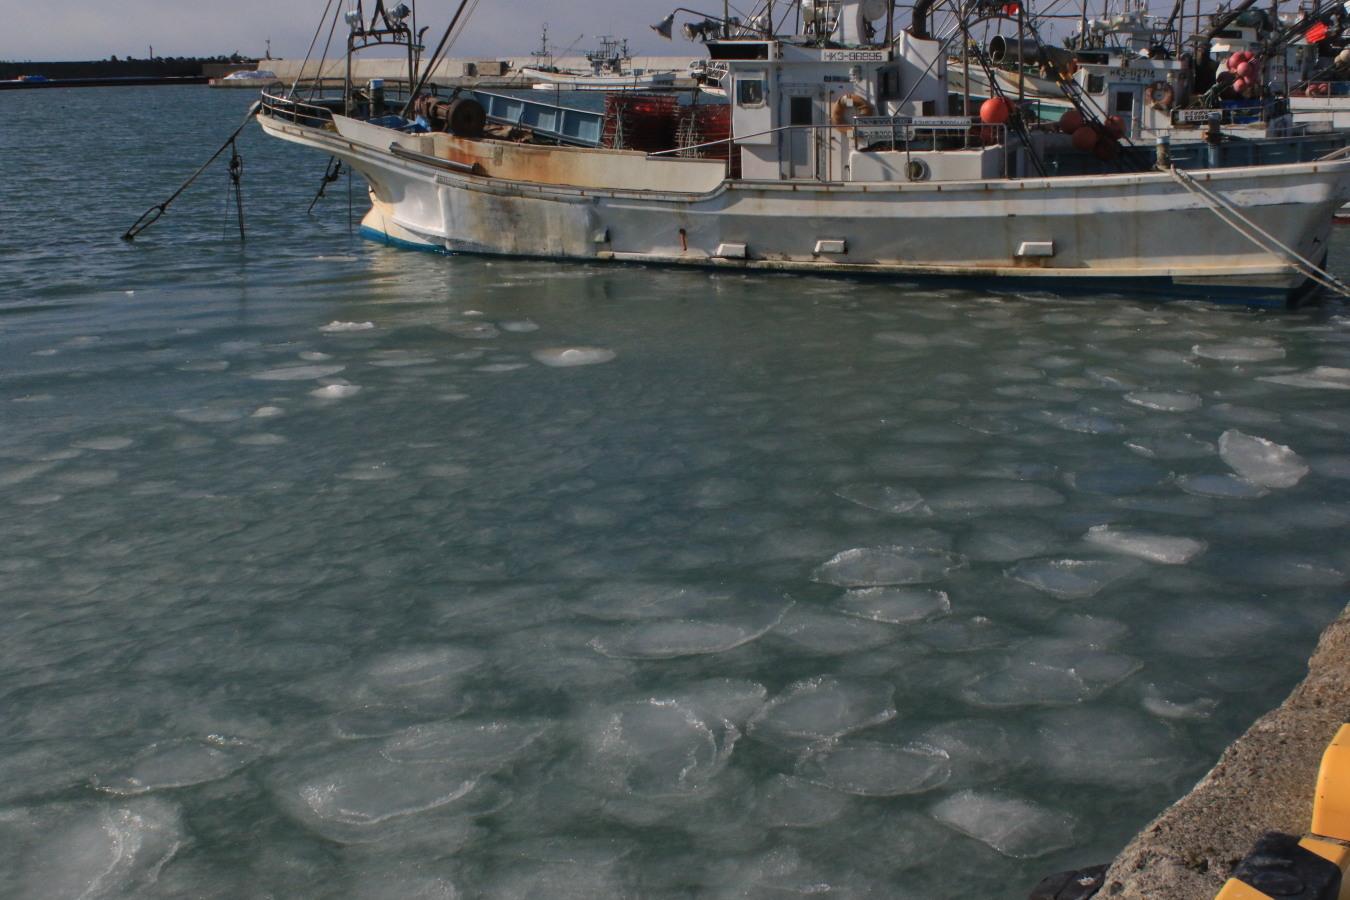 蓮葉氷 日高の漁港で2/11_c0360399_10300771.jpg